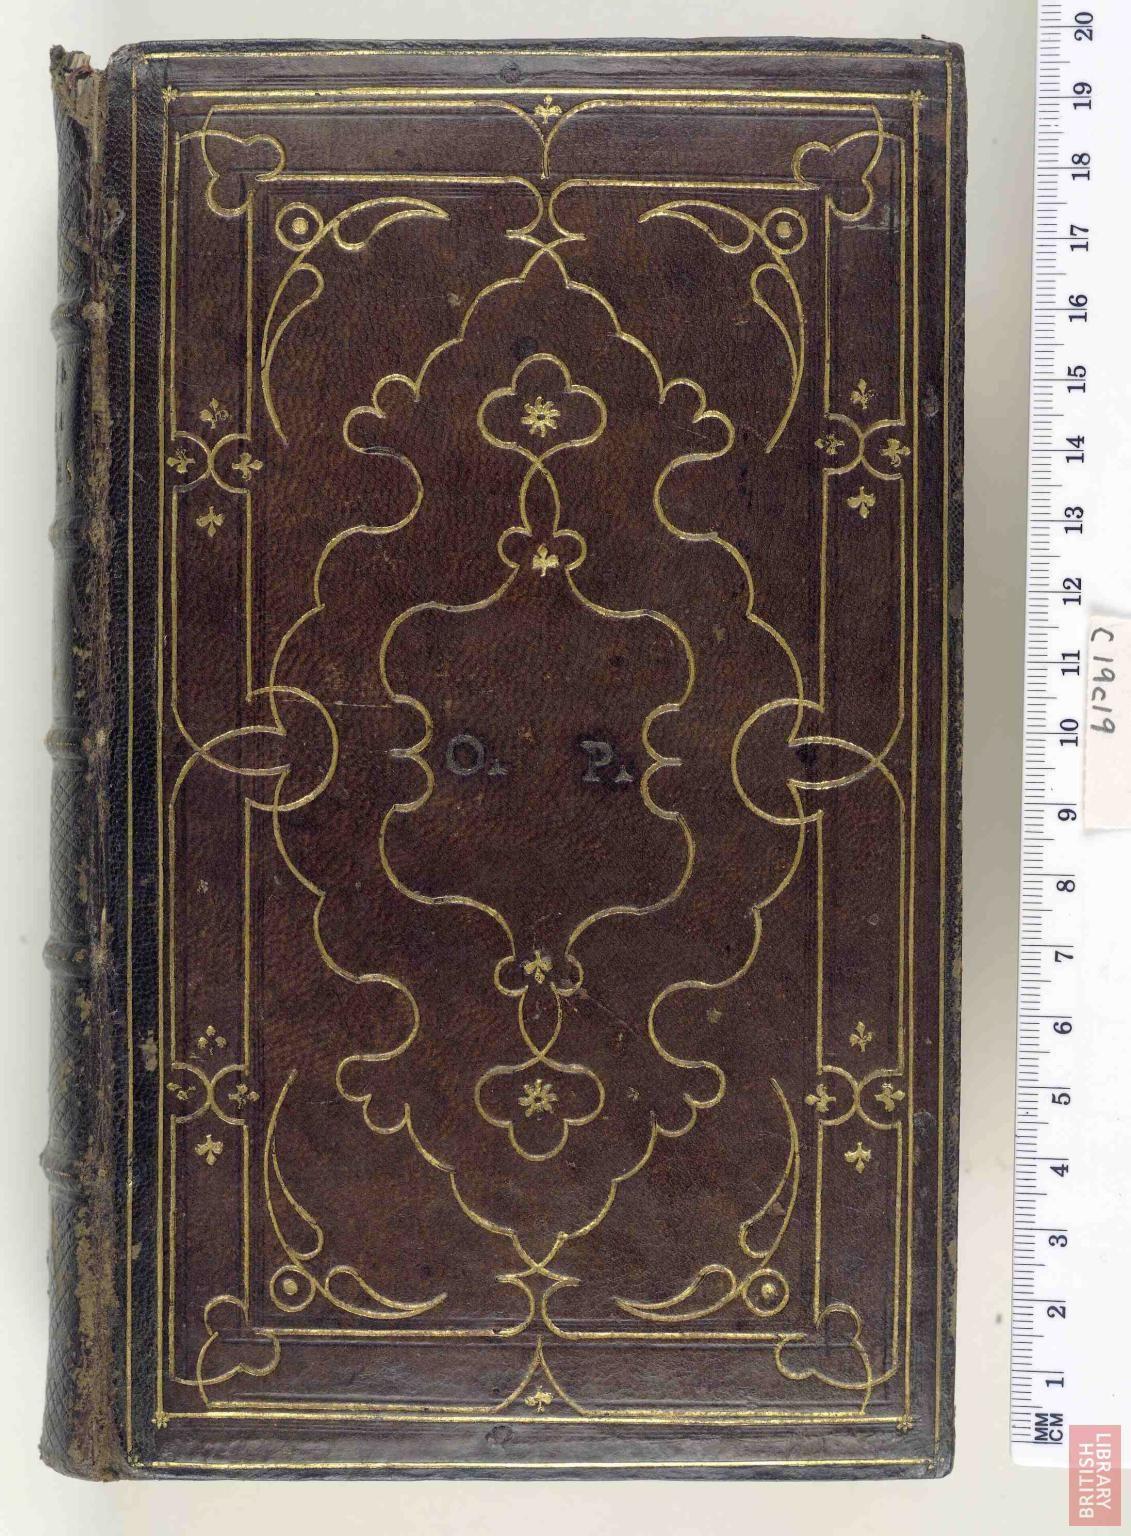 Cicero Marcus Tullius Epistolae Familiares Diligentius Quam Quae Hactenus Exierunt Emendatae Pauli Manutii Scholia Etc Ven Book Art Book Design Book Binding